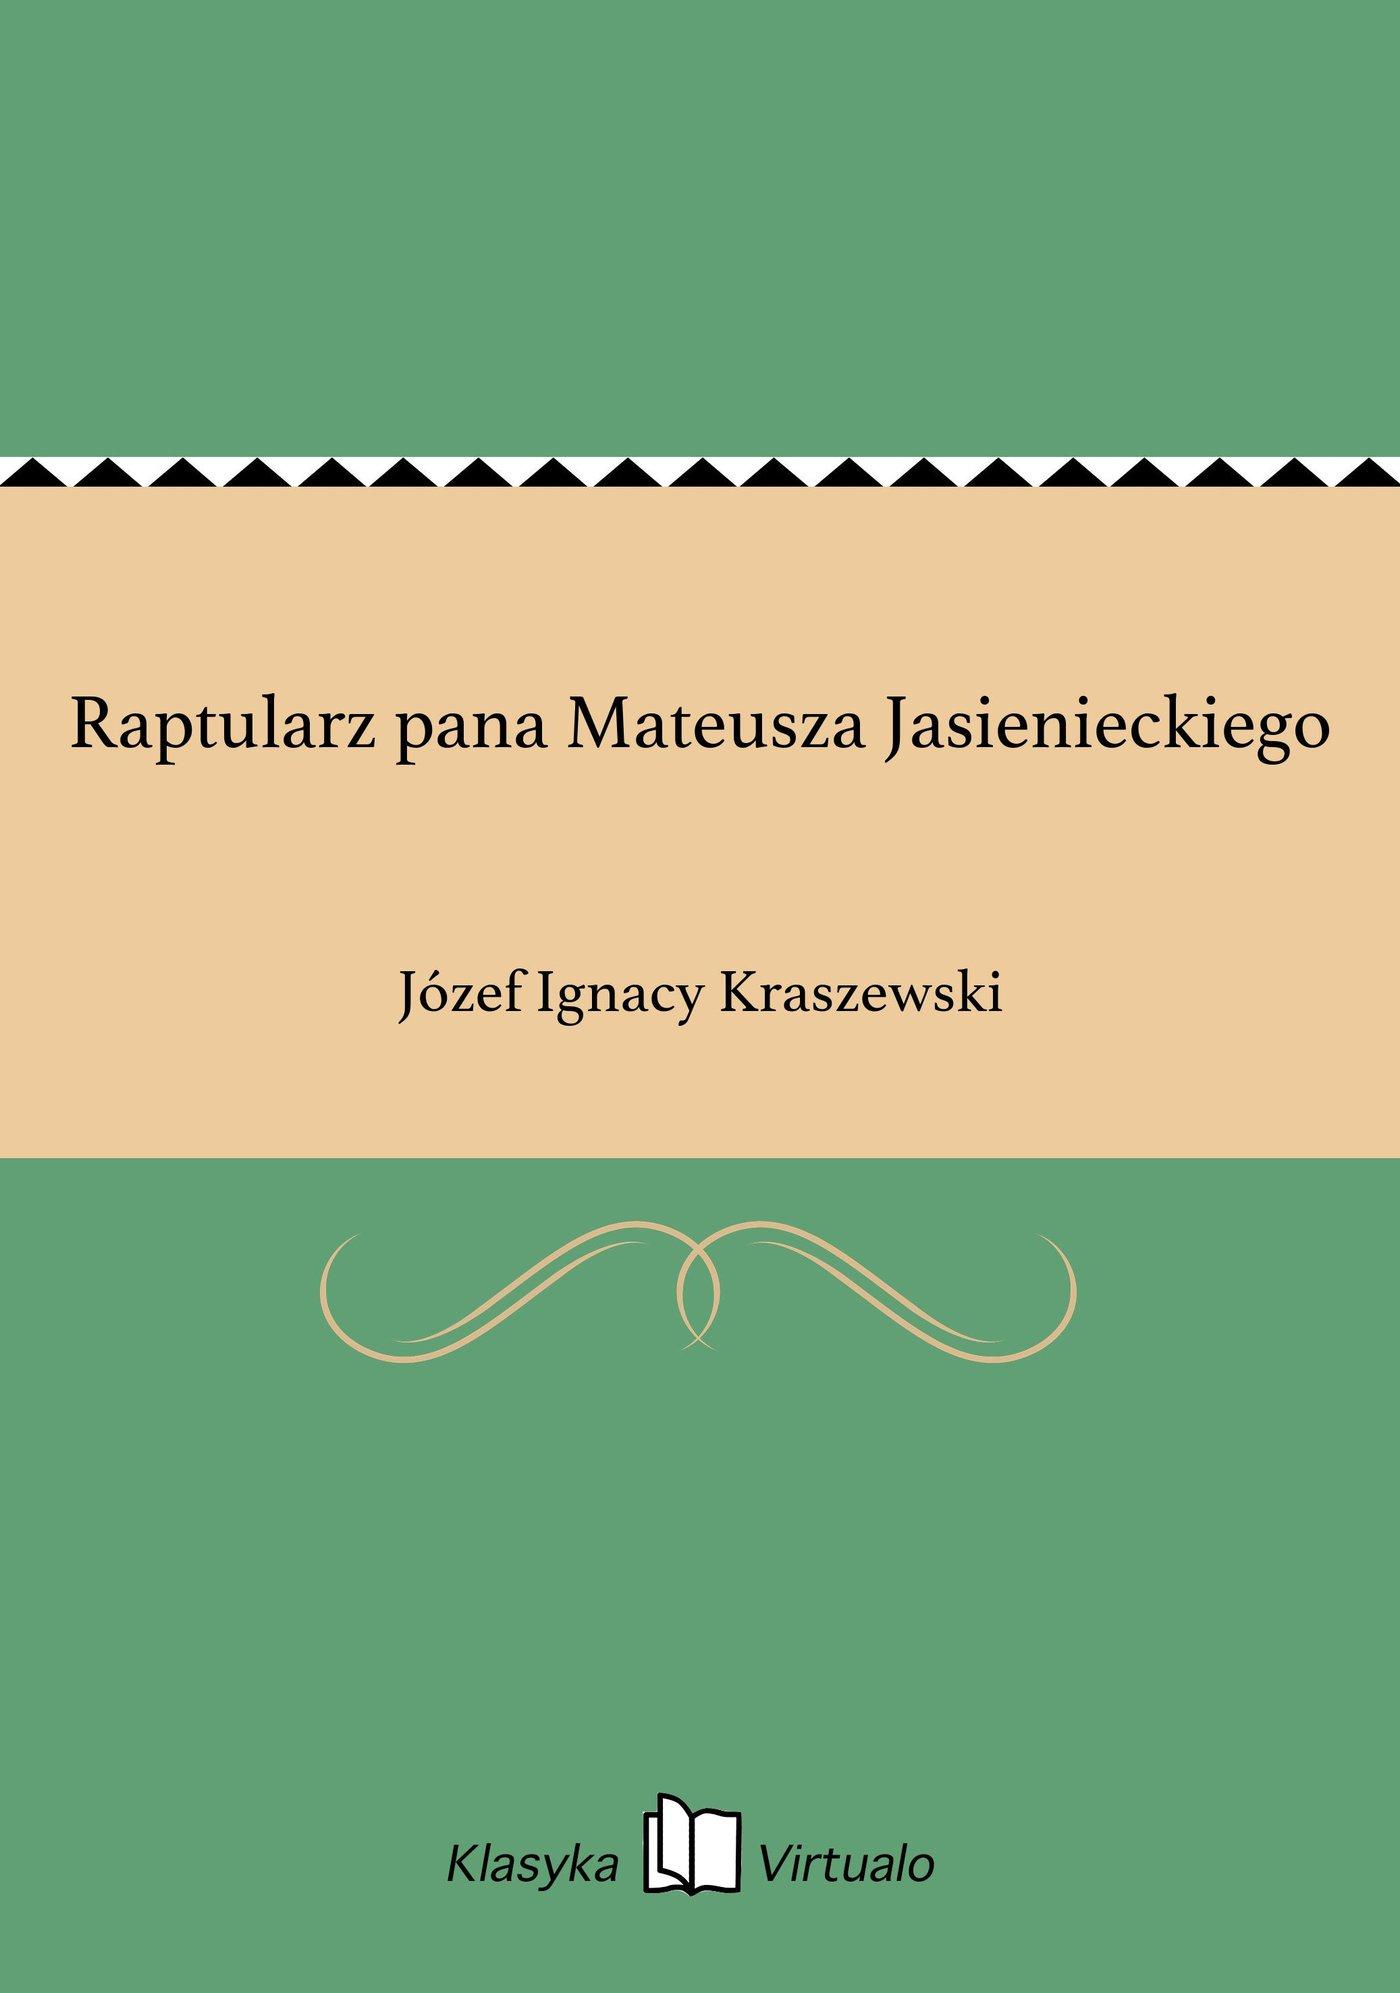 Raptularz pana Mateusza Jasienieckiego - Ebook (Książka EPUB) do pobrania w formacie EPUB